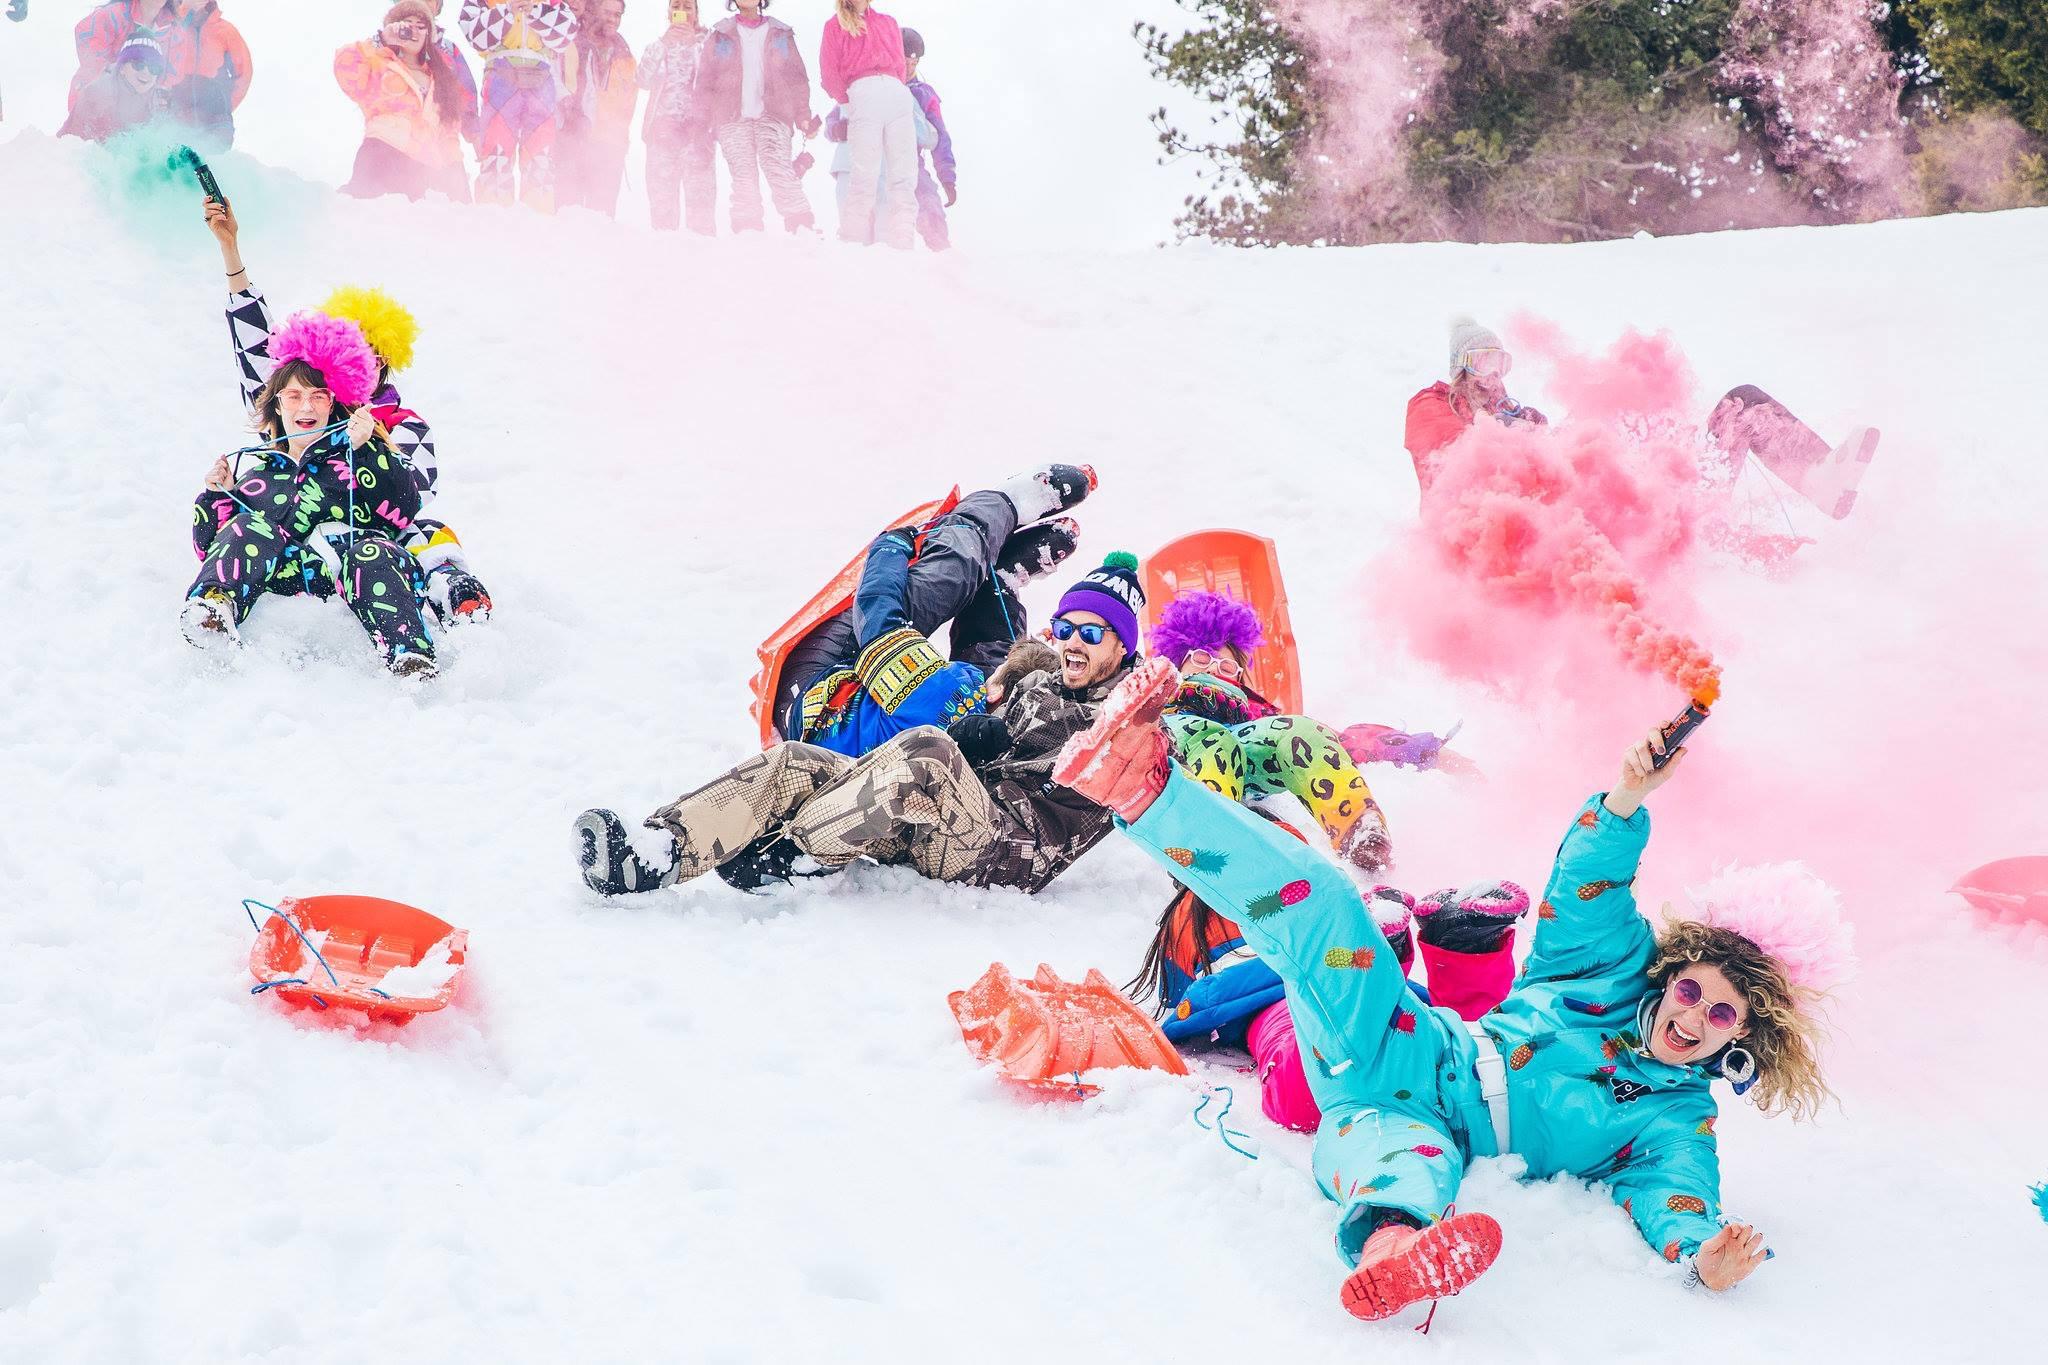 SNOW GAMES #tesamen in team enkele leuke opdrachten uitvoeren